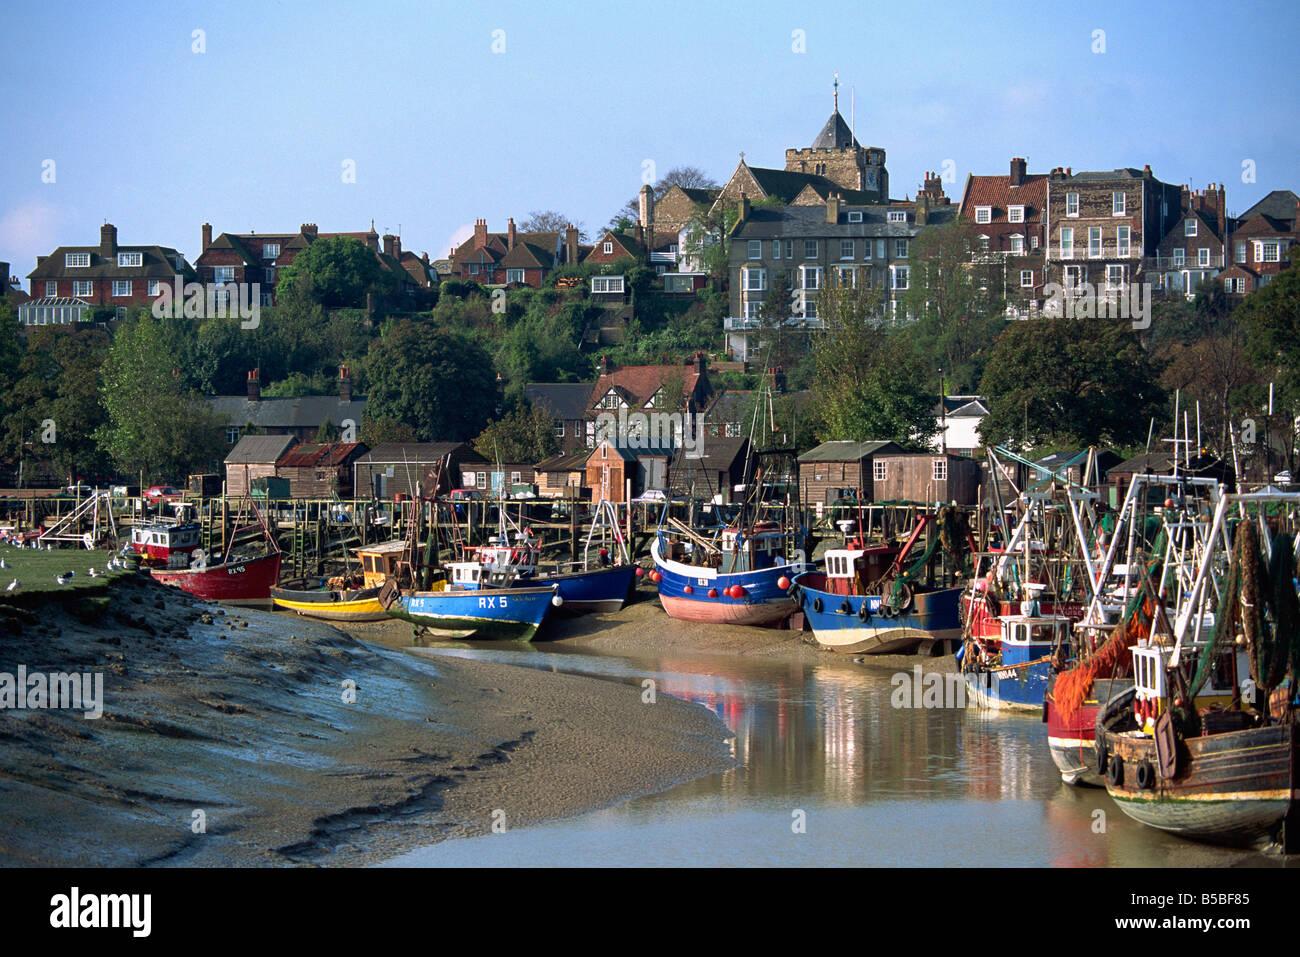 Fischerboote am Fluss Rother, Rye, Sussex, England, Europa Stockbild